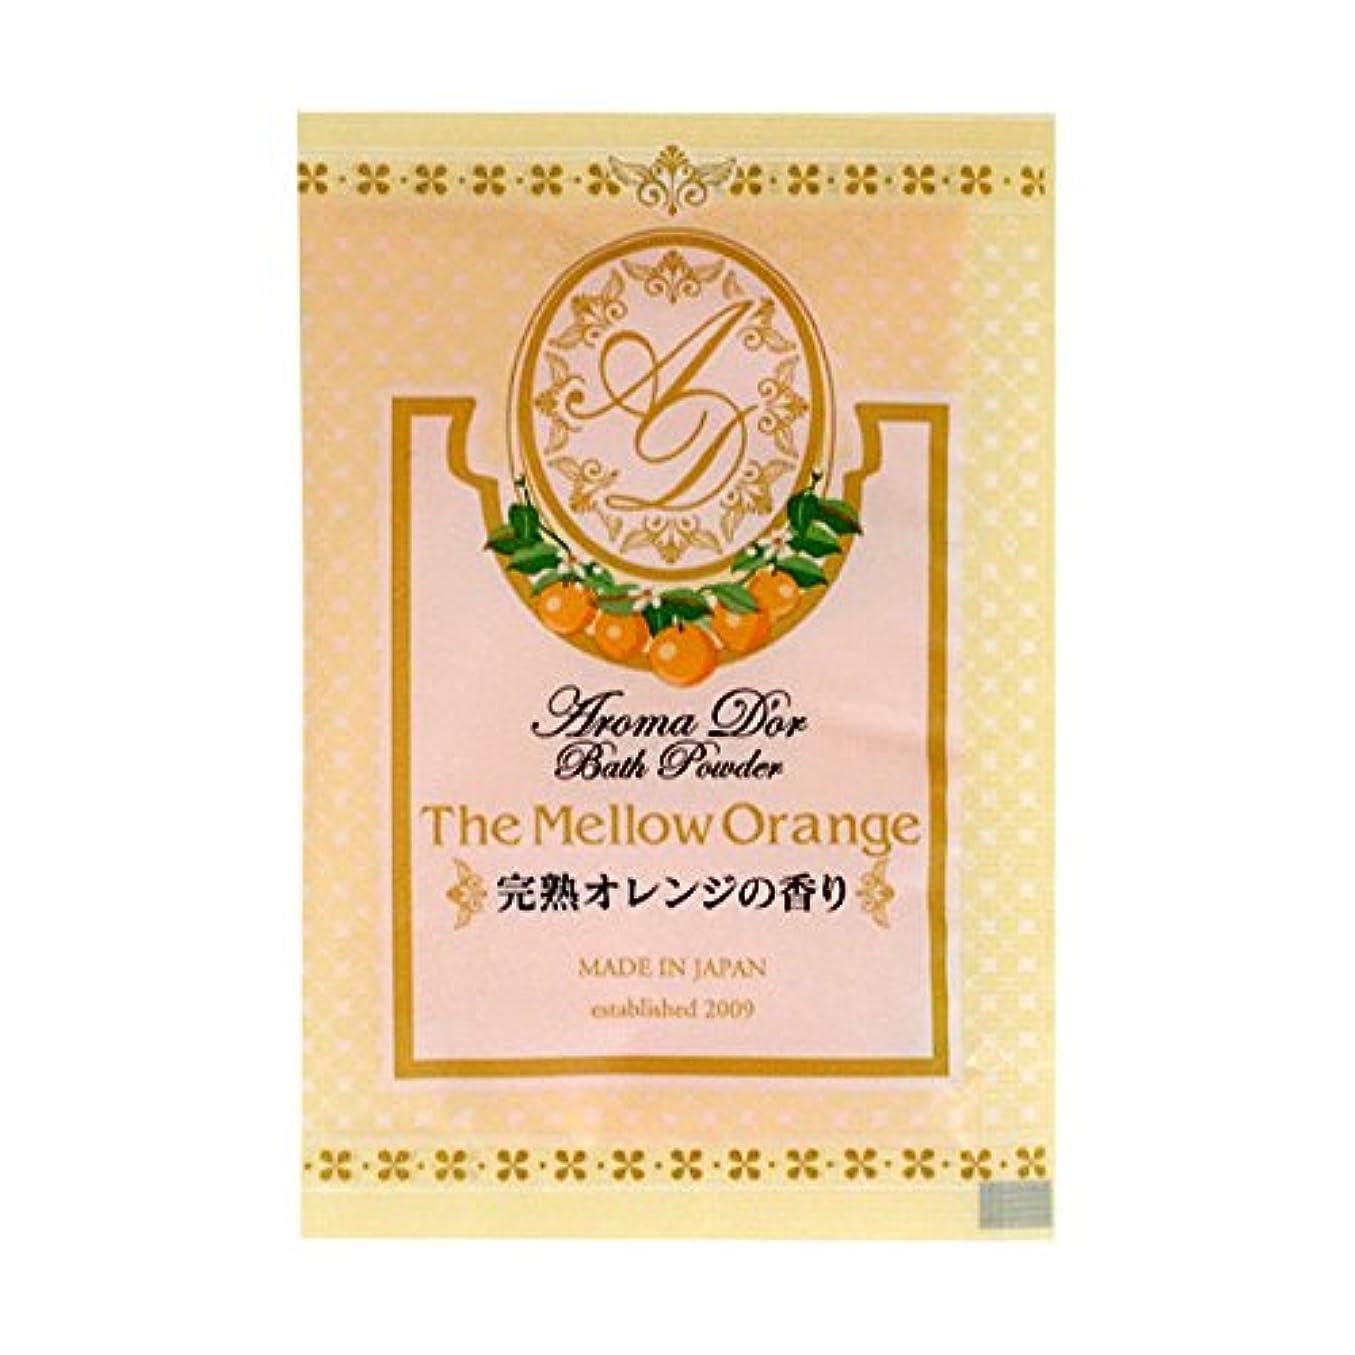 反逆者猫背シェア入浴剤 アロマドールバスパウダー 「完熟オレンジの香り」30個